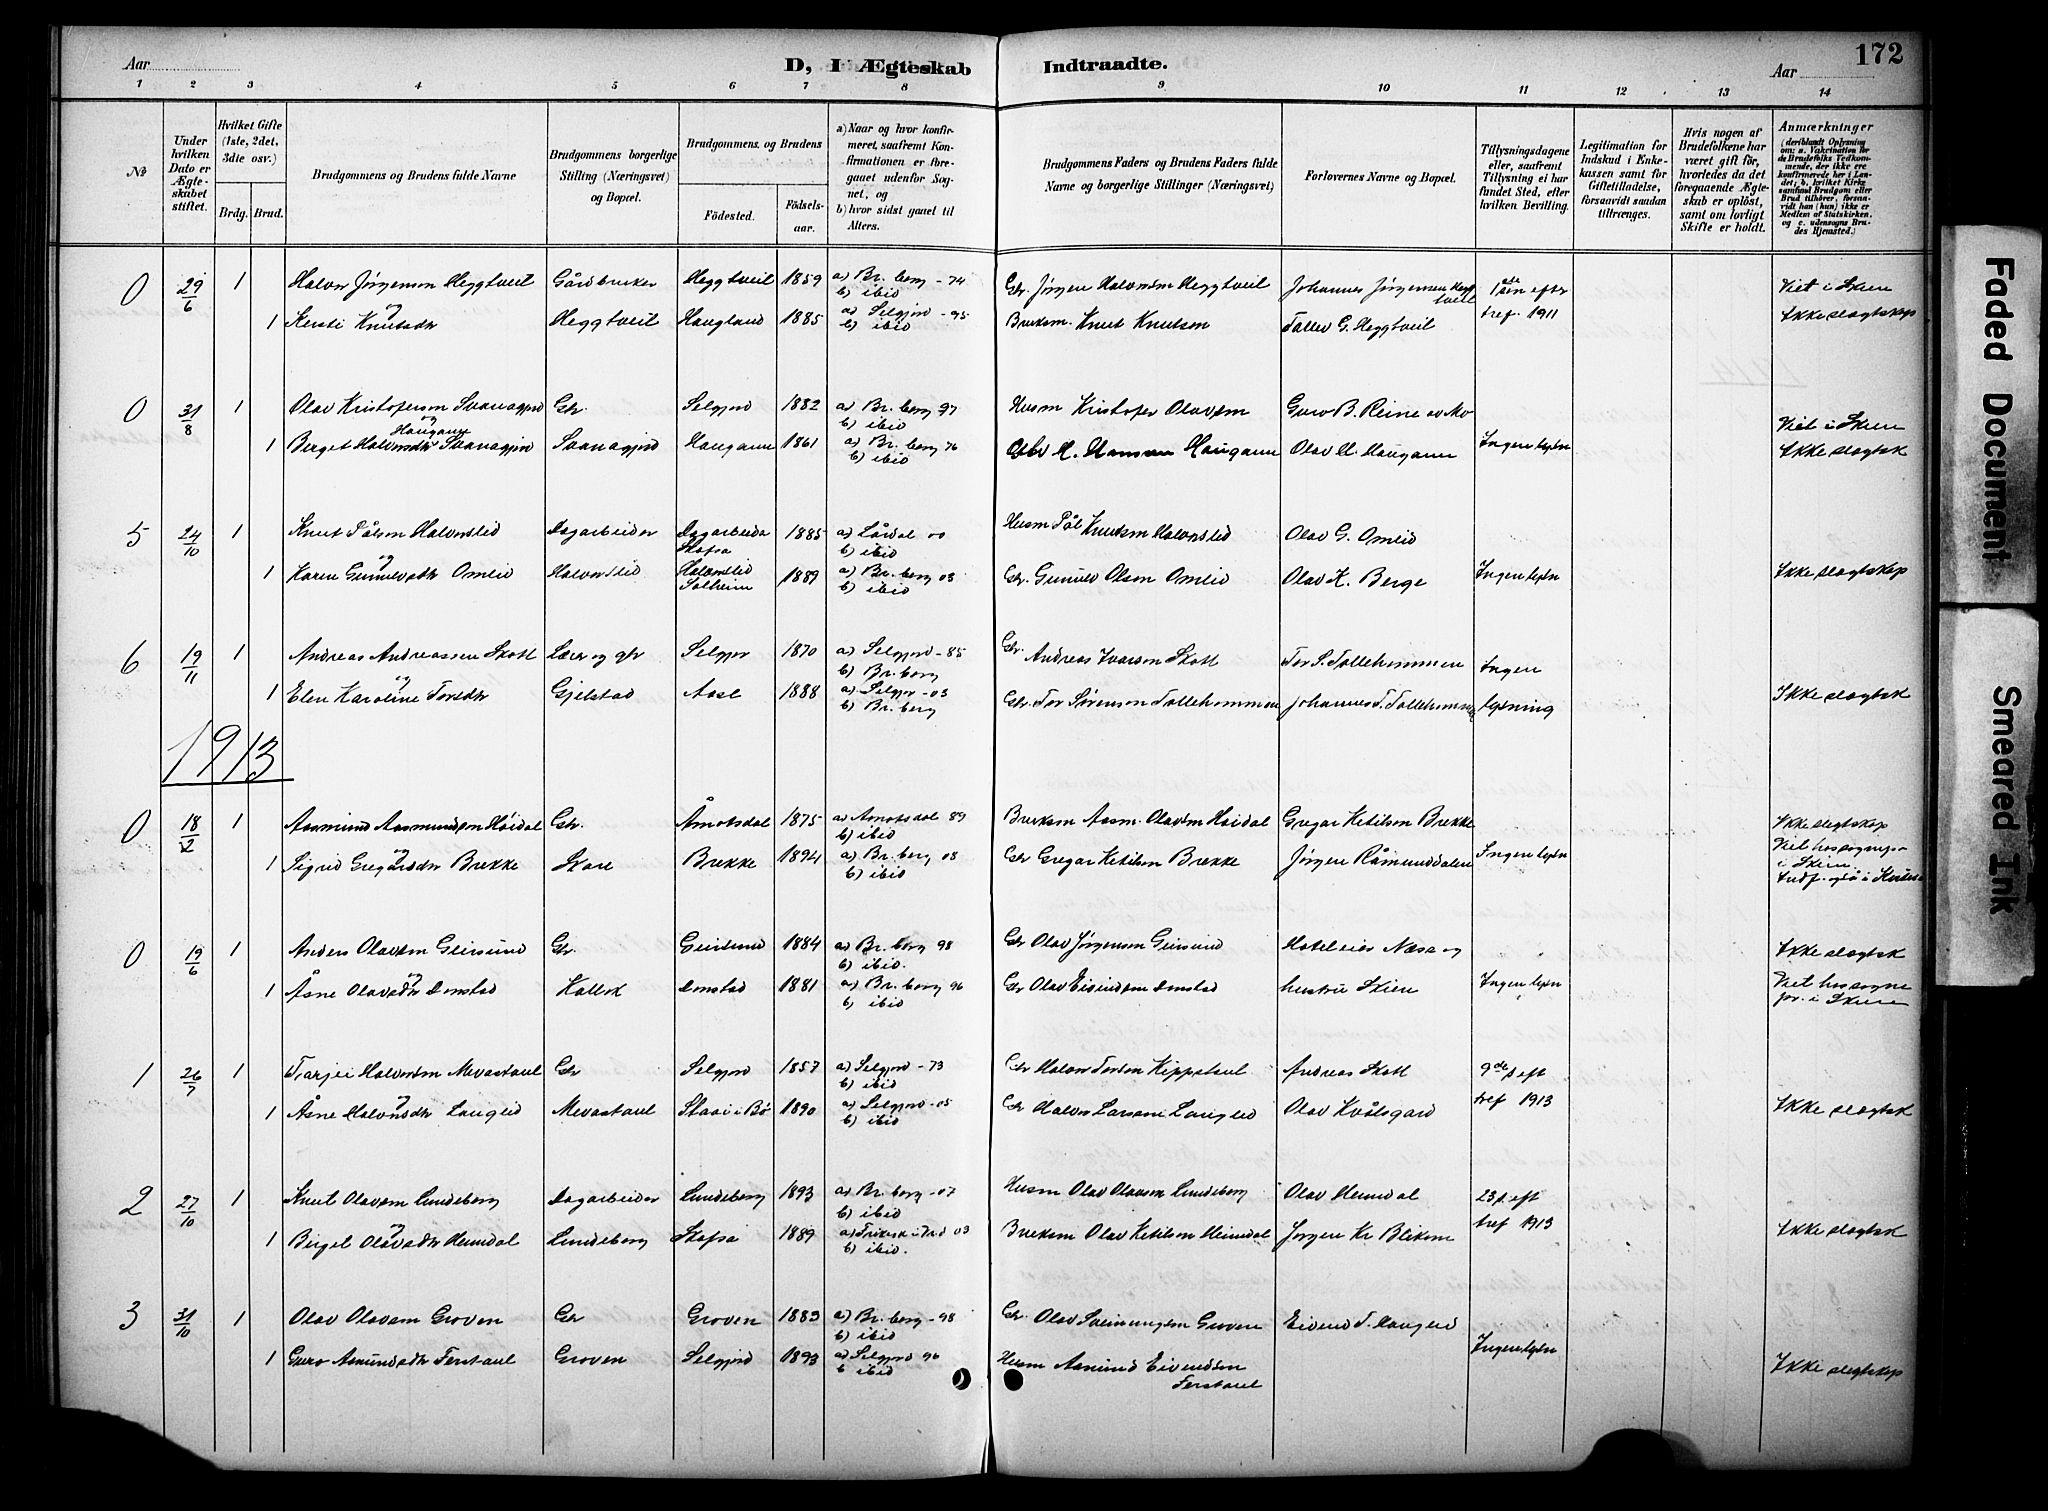 SAKO, Kviteseid kirkebøker, G/Gb/L0003: Klokkerbok nr. II 3, 1893-1933, s. 172